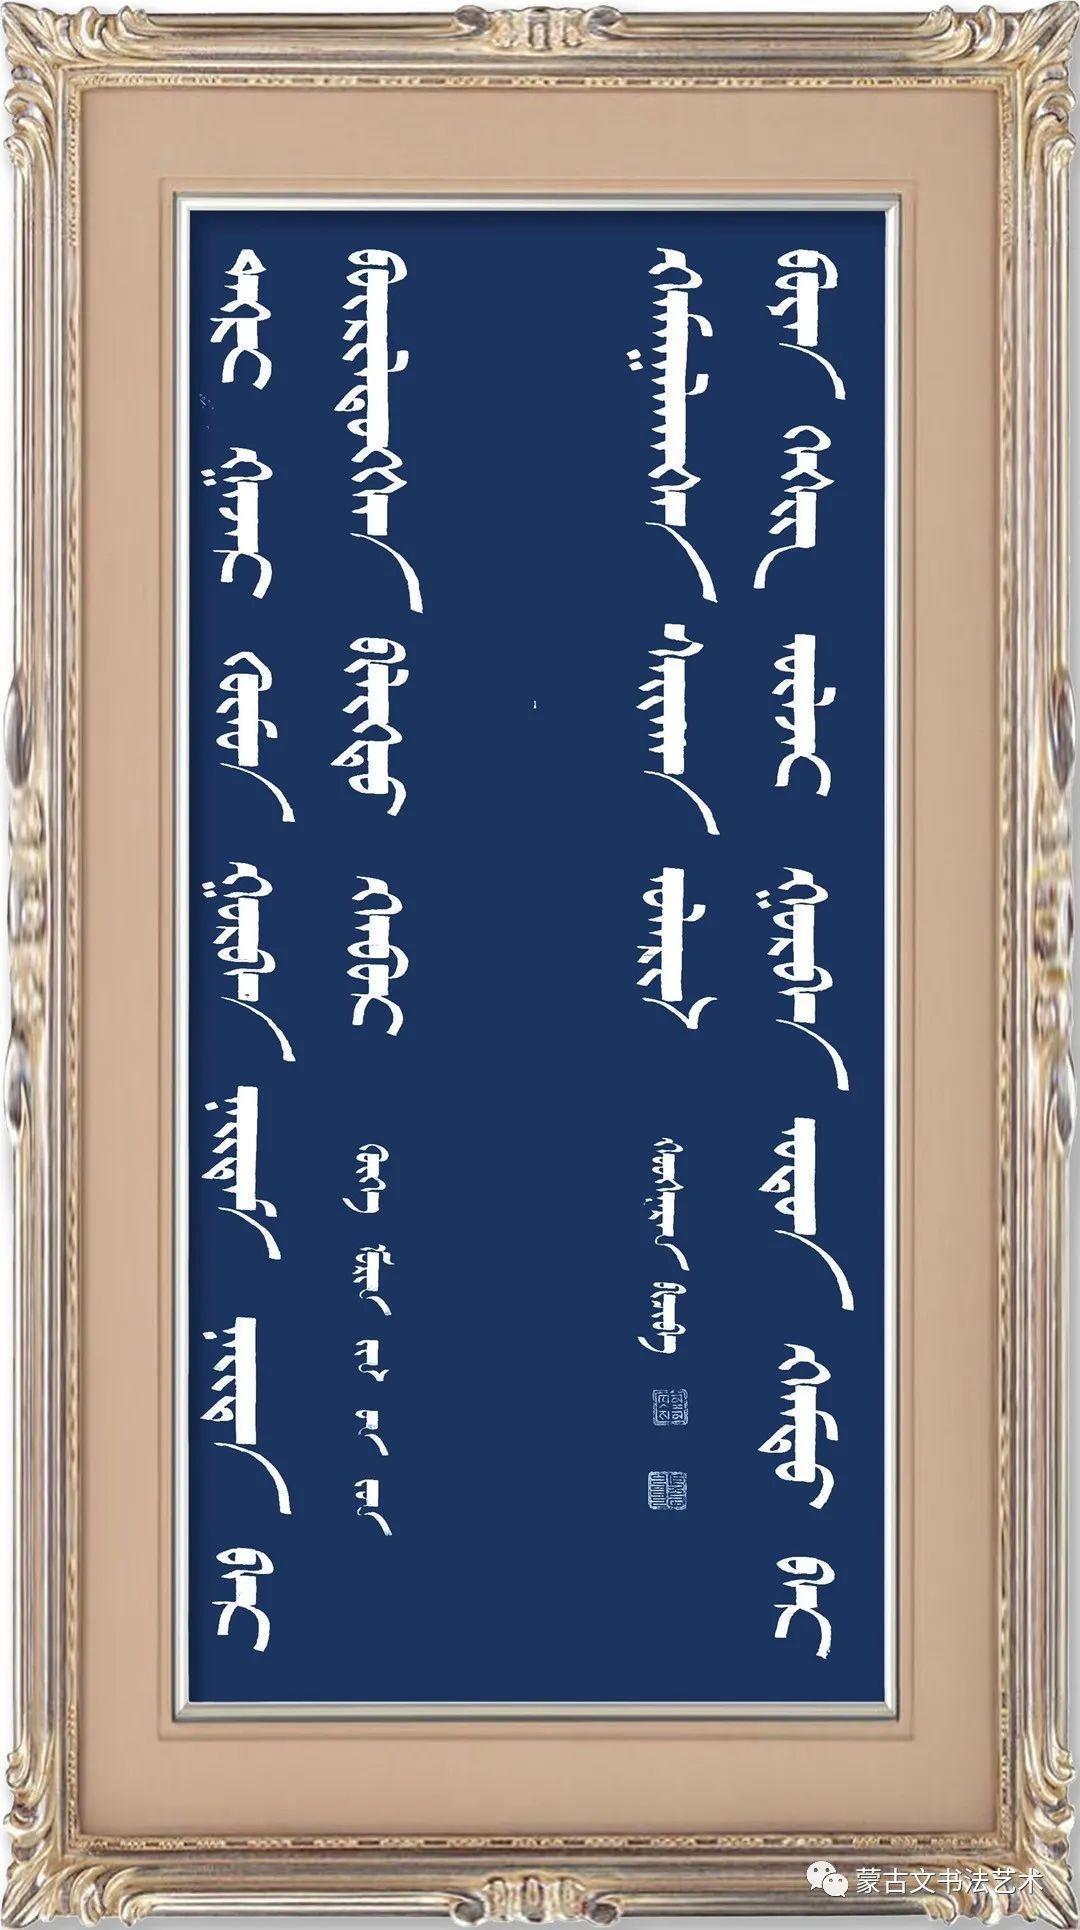 好斯那拉书法作品欣赏 第17张 好斯那拉书法作品欣赏 蒙古书法